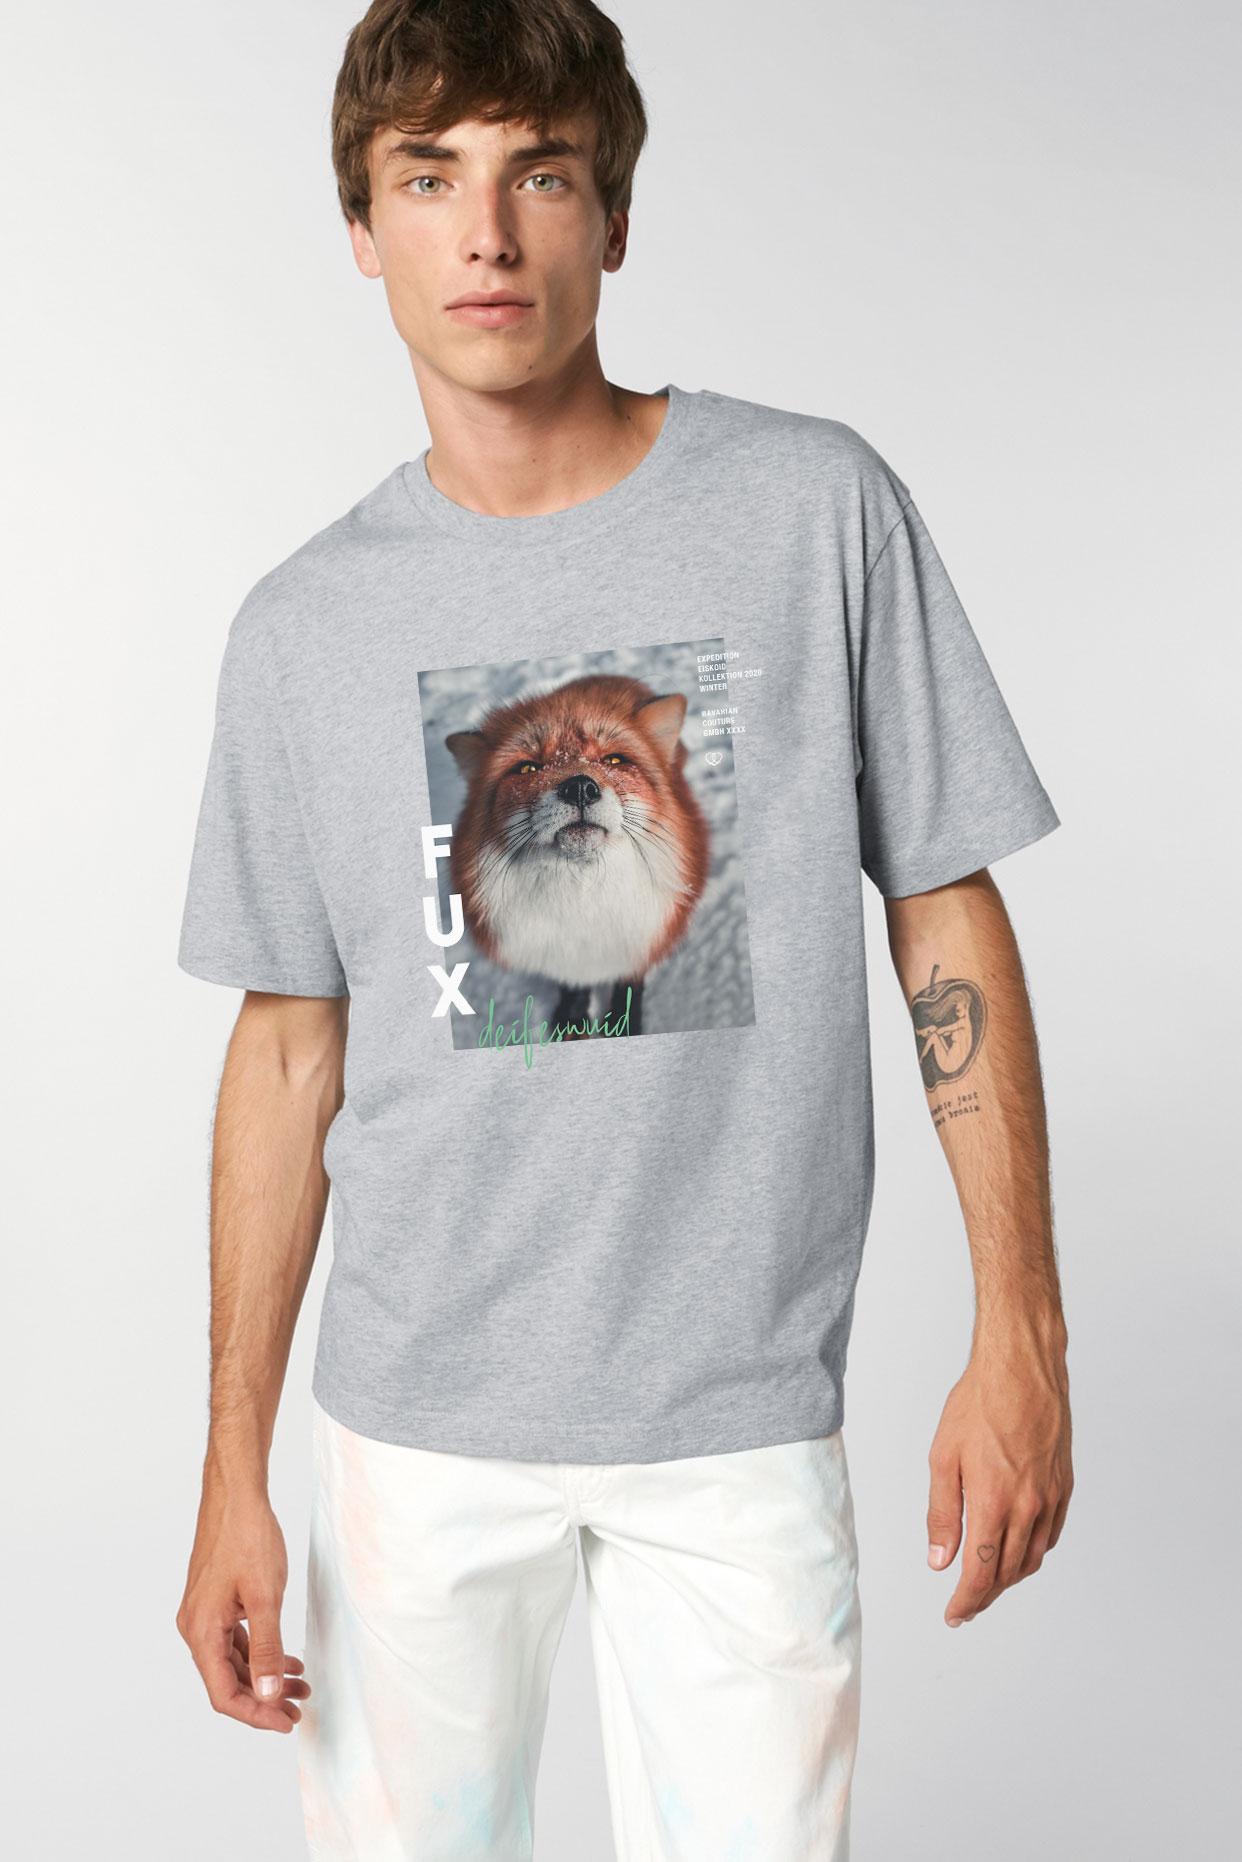 Fuxdeifeswuid Unisex T-Shirt